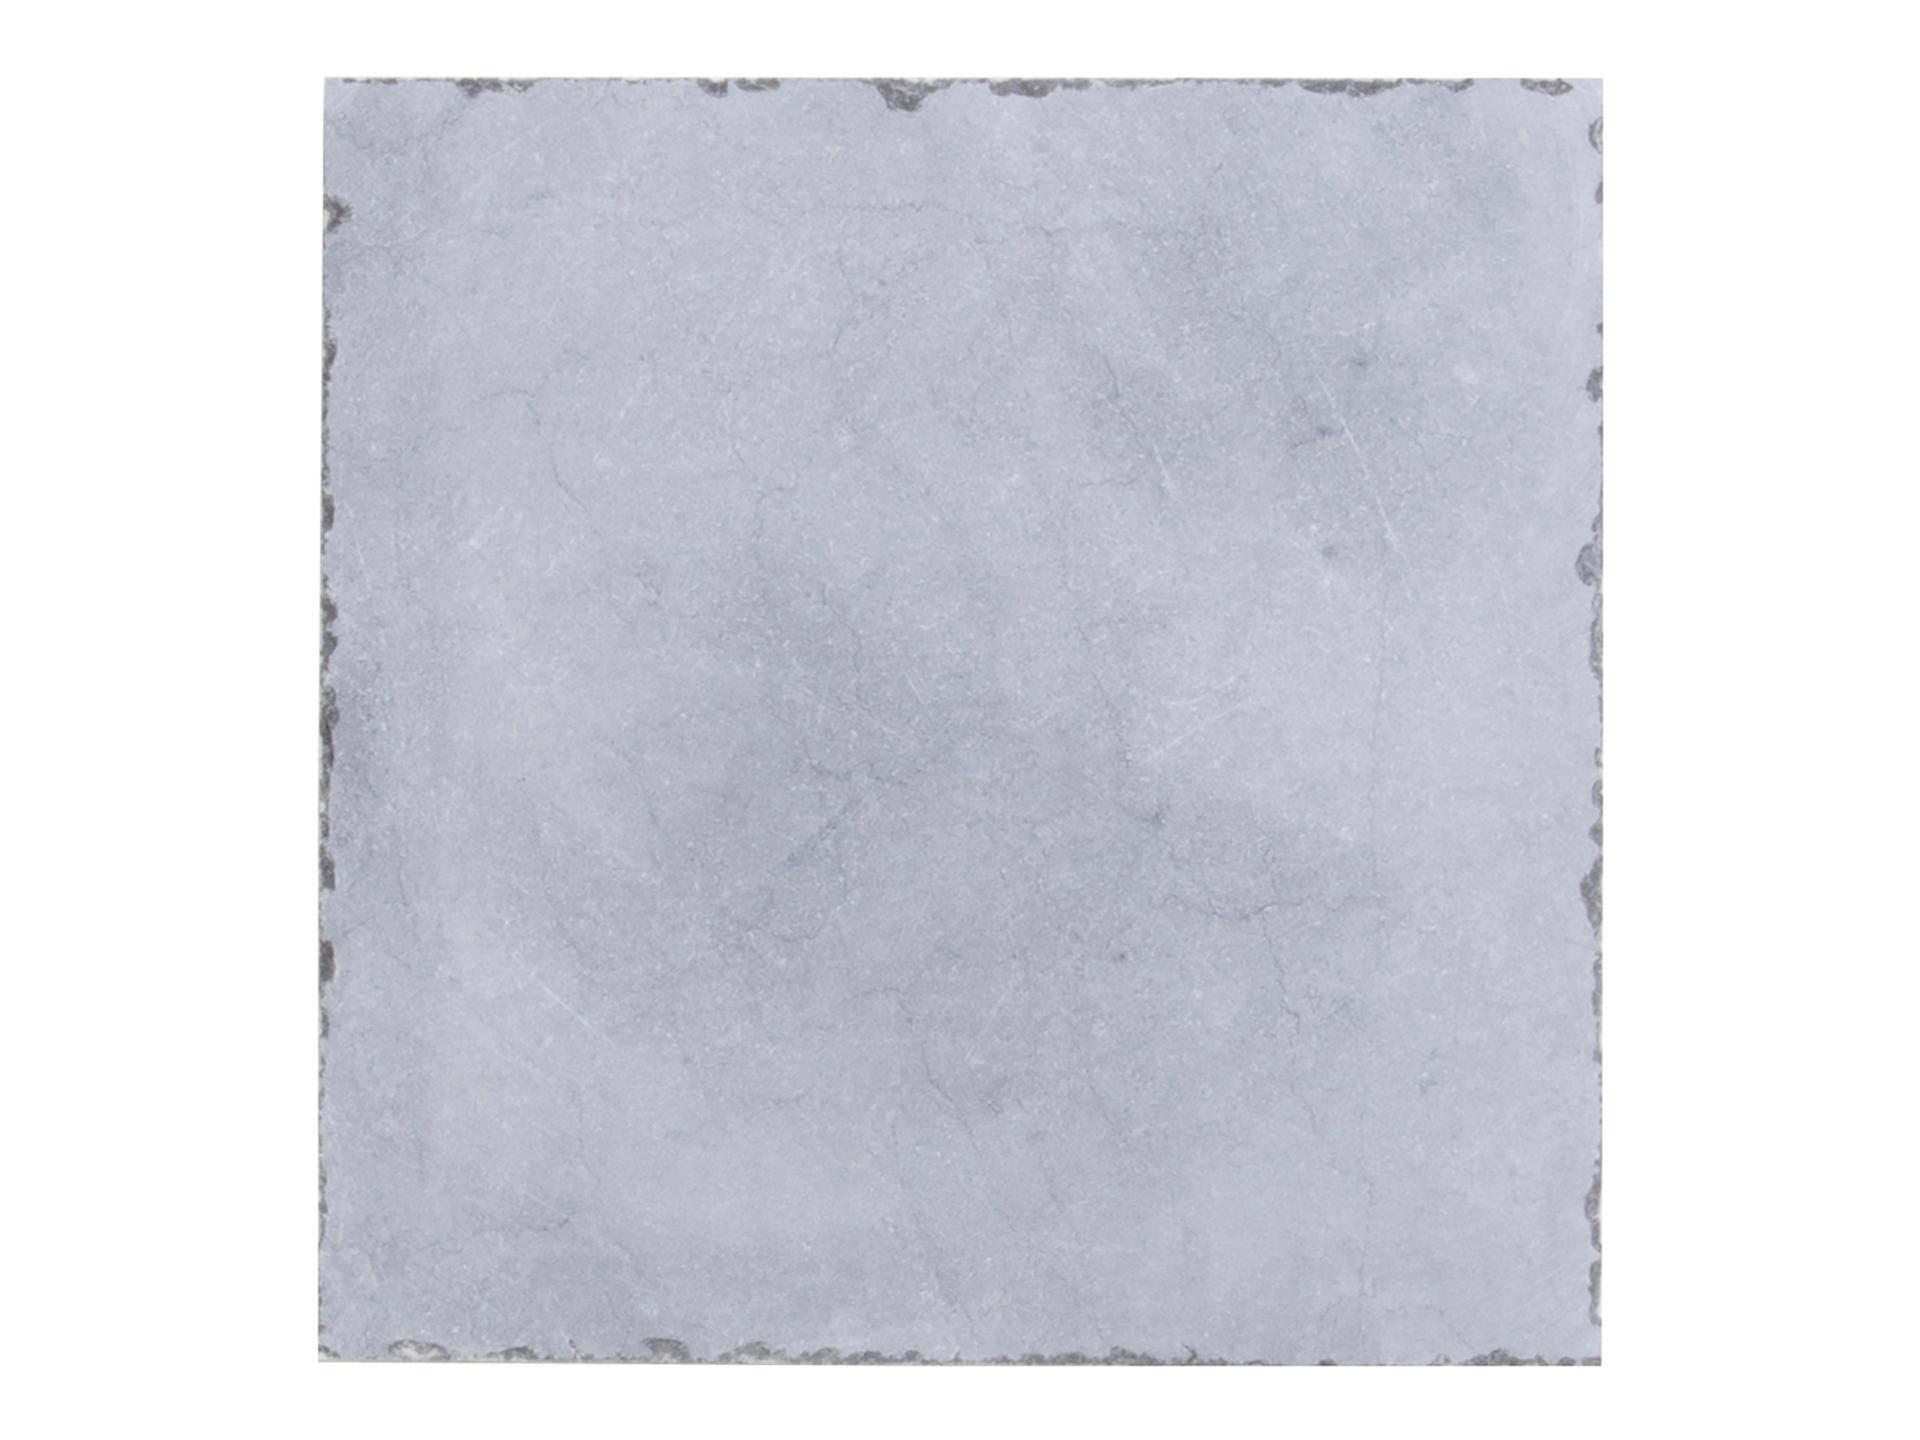 dalle de terrasse bluestone tambourin 15x15x2 cm 002m - Dalle Terrasse Composite 50x50